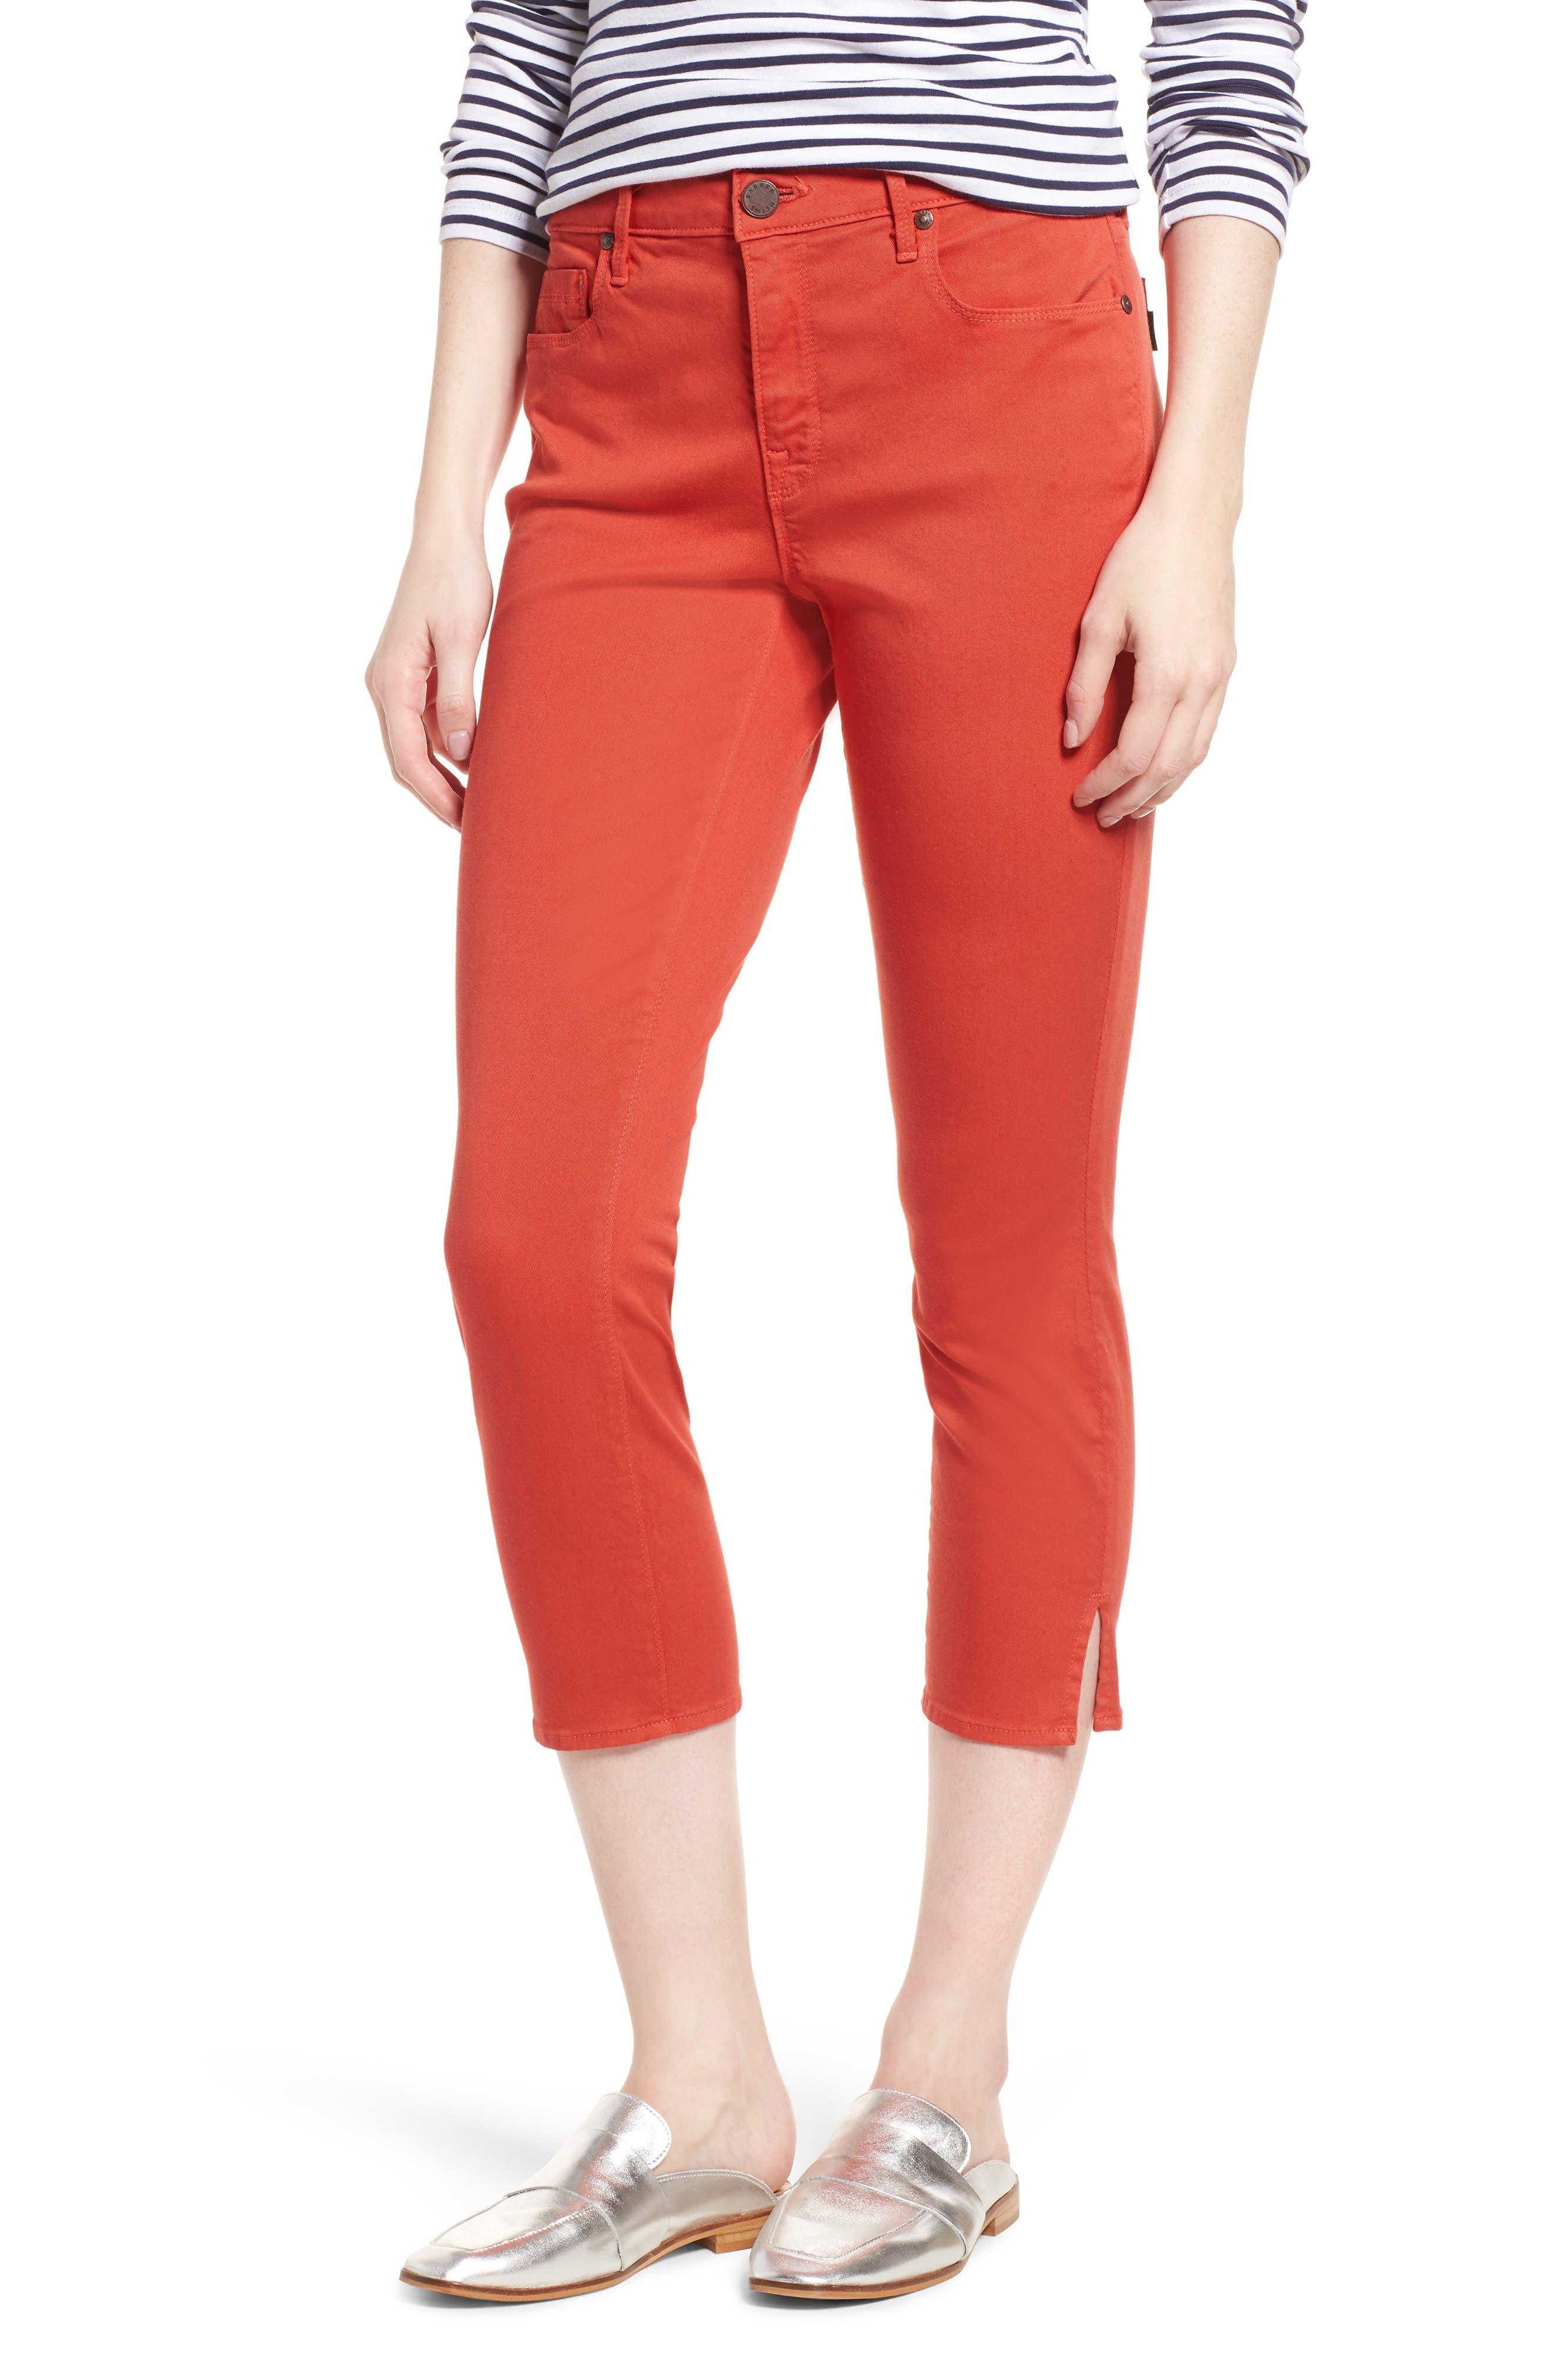 Pedal Pusher Crop Jeans,                             Main thumbnail 1, color,                             Sunburst